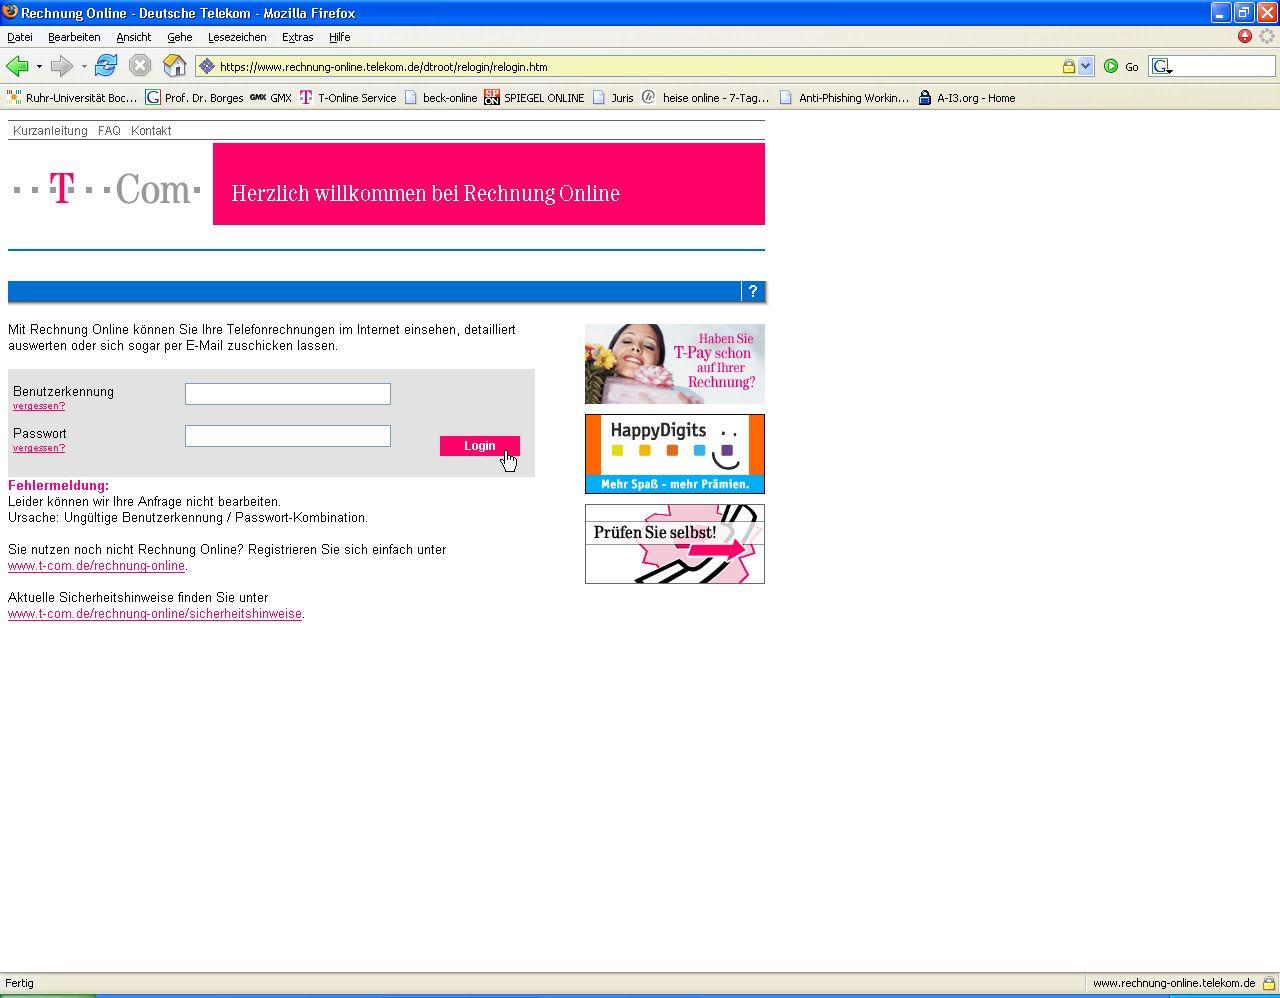 05_07_19_telekom_website_02.jpg